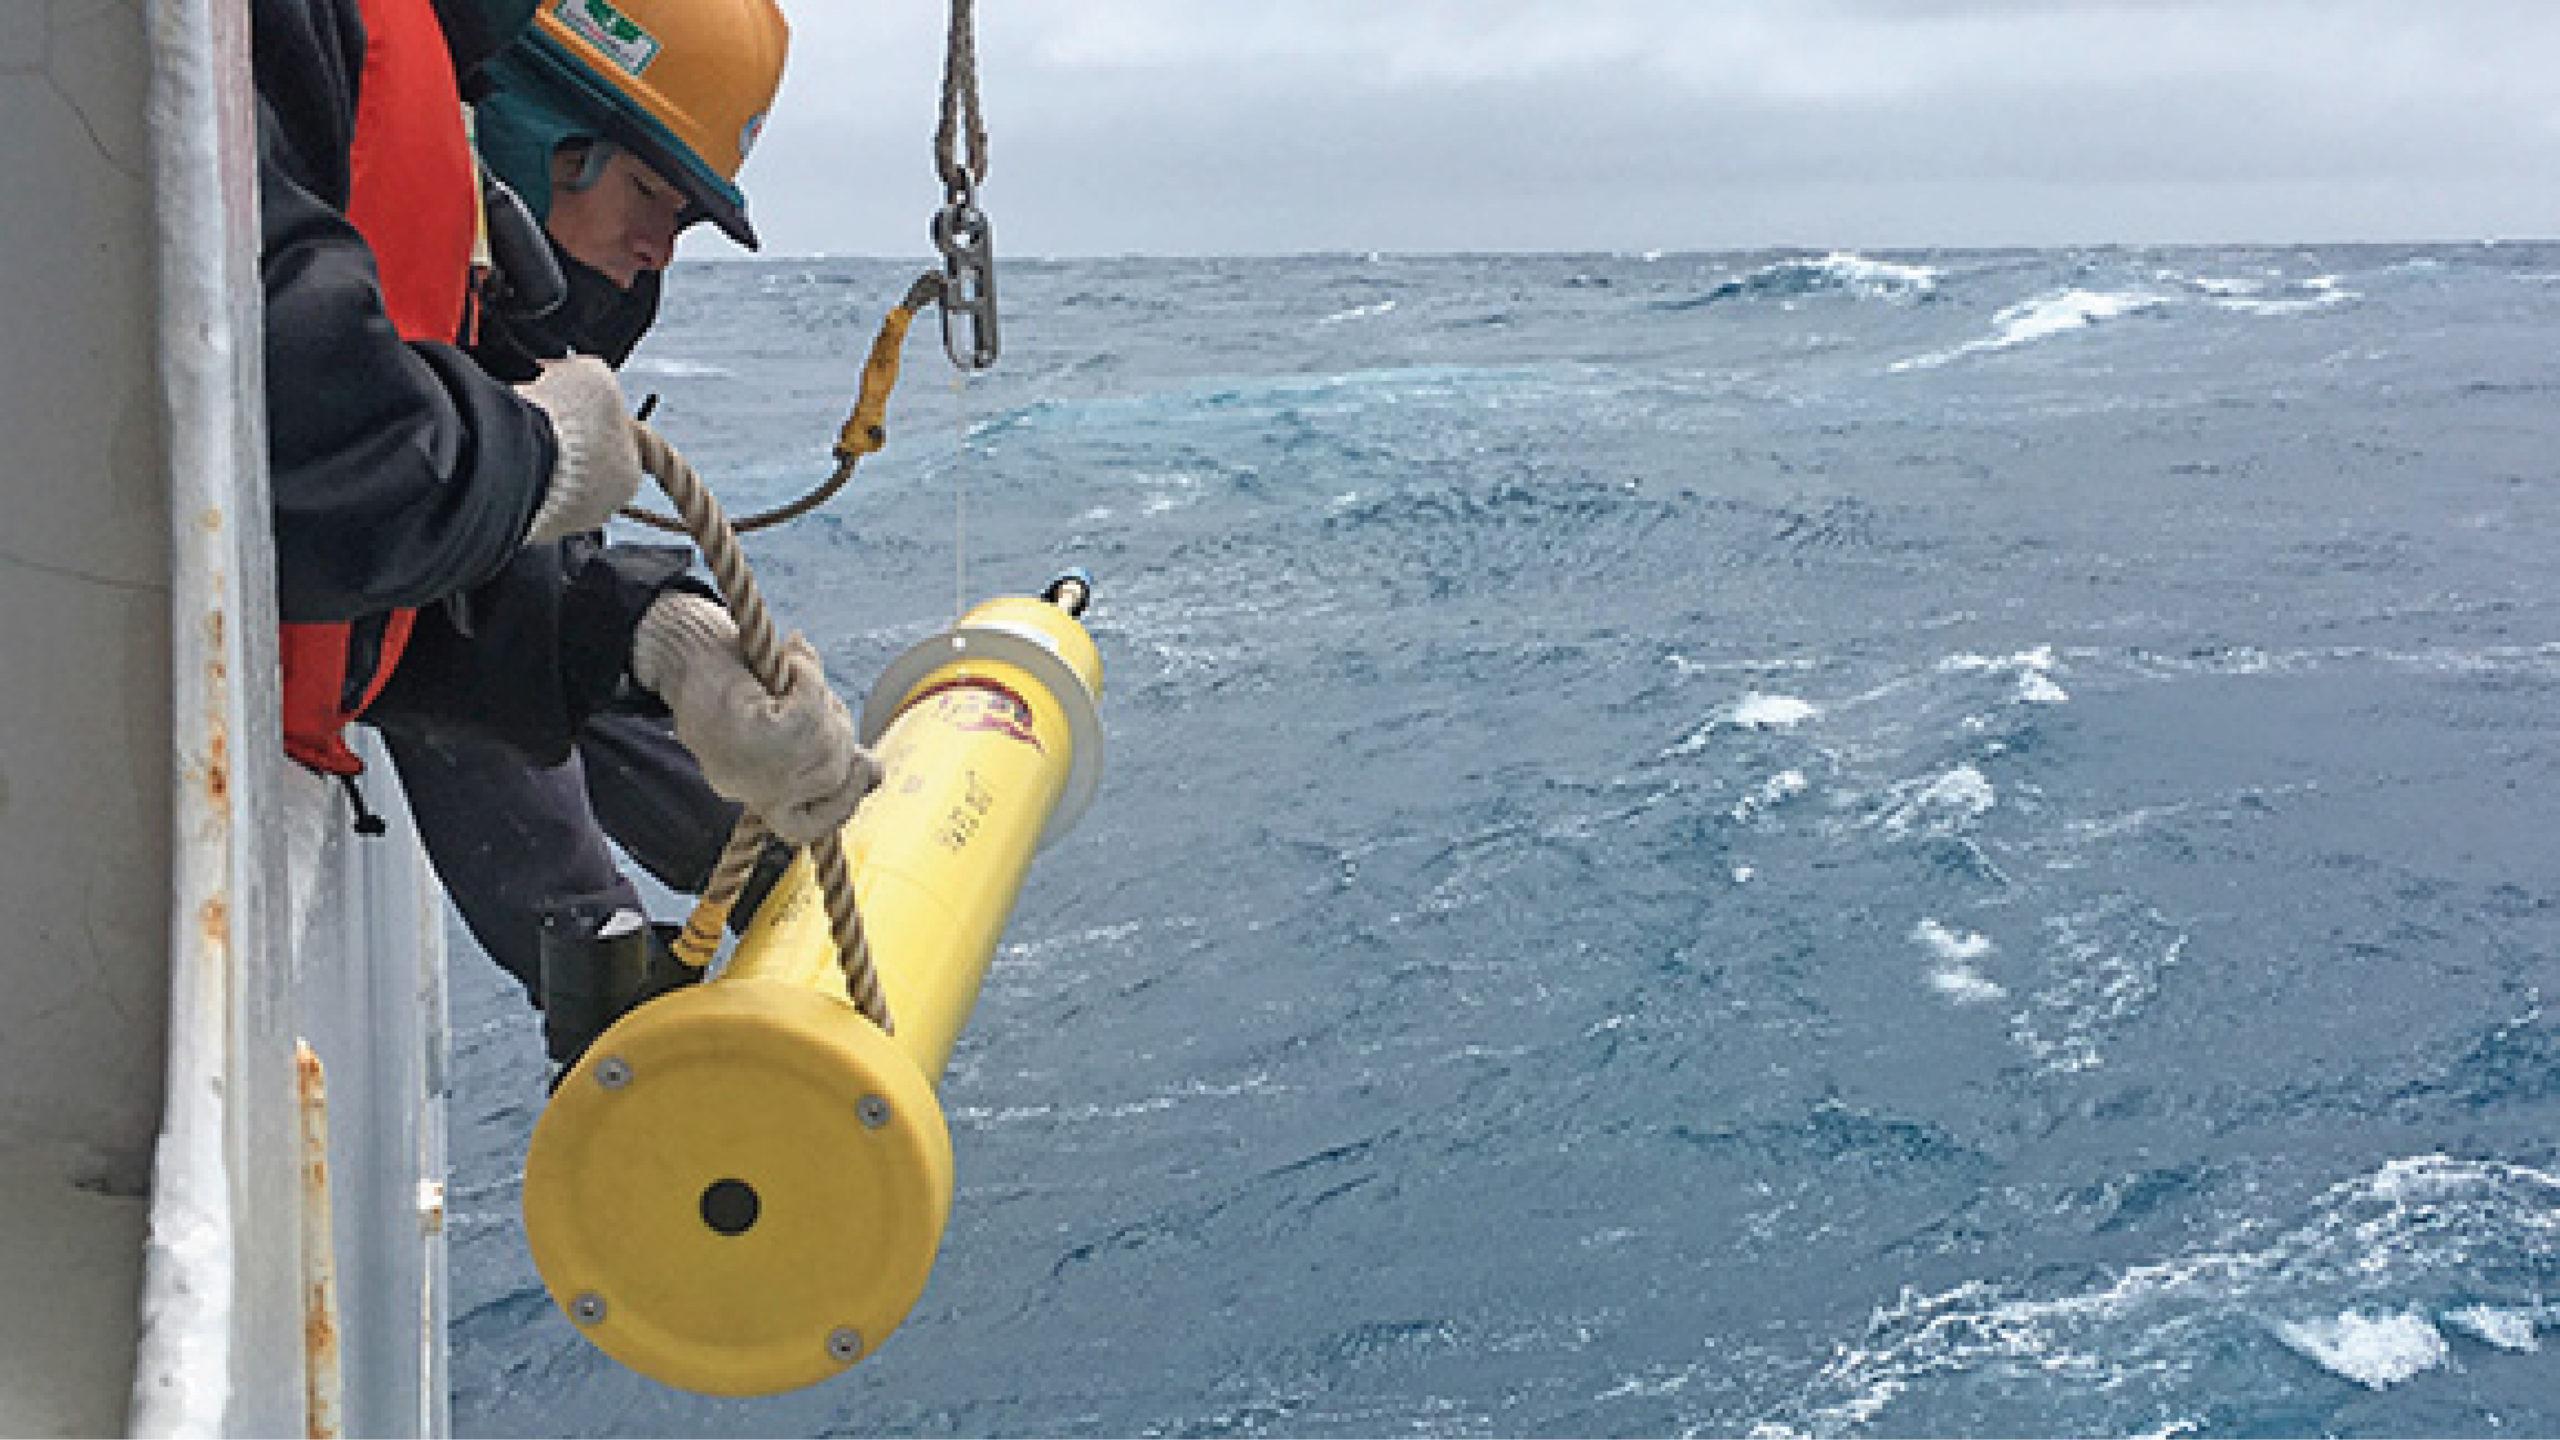 Robots recorrerán los océanos para monitorear su salud